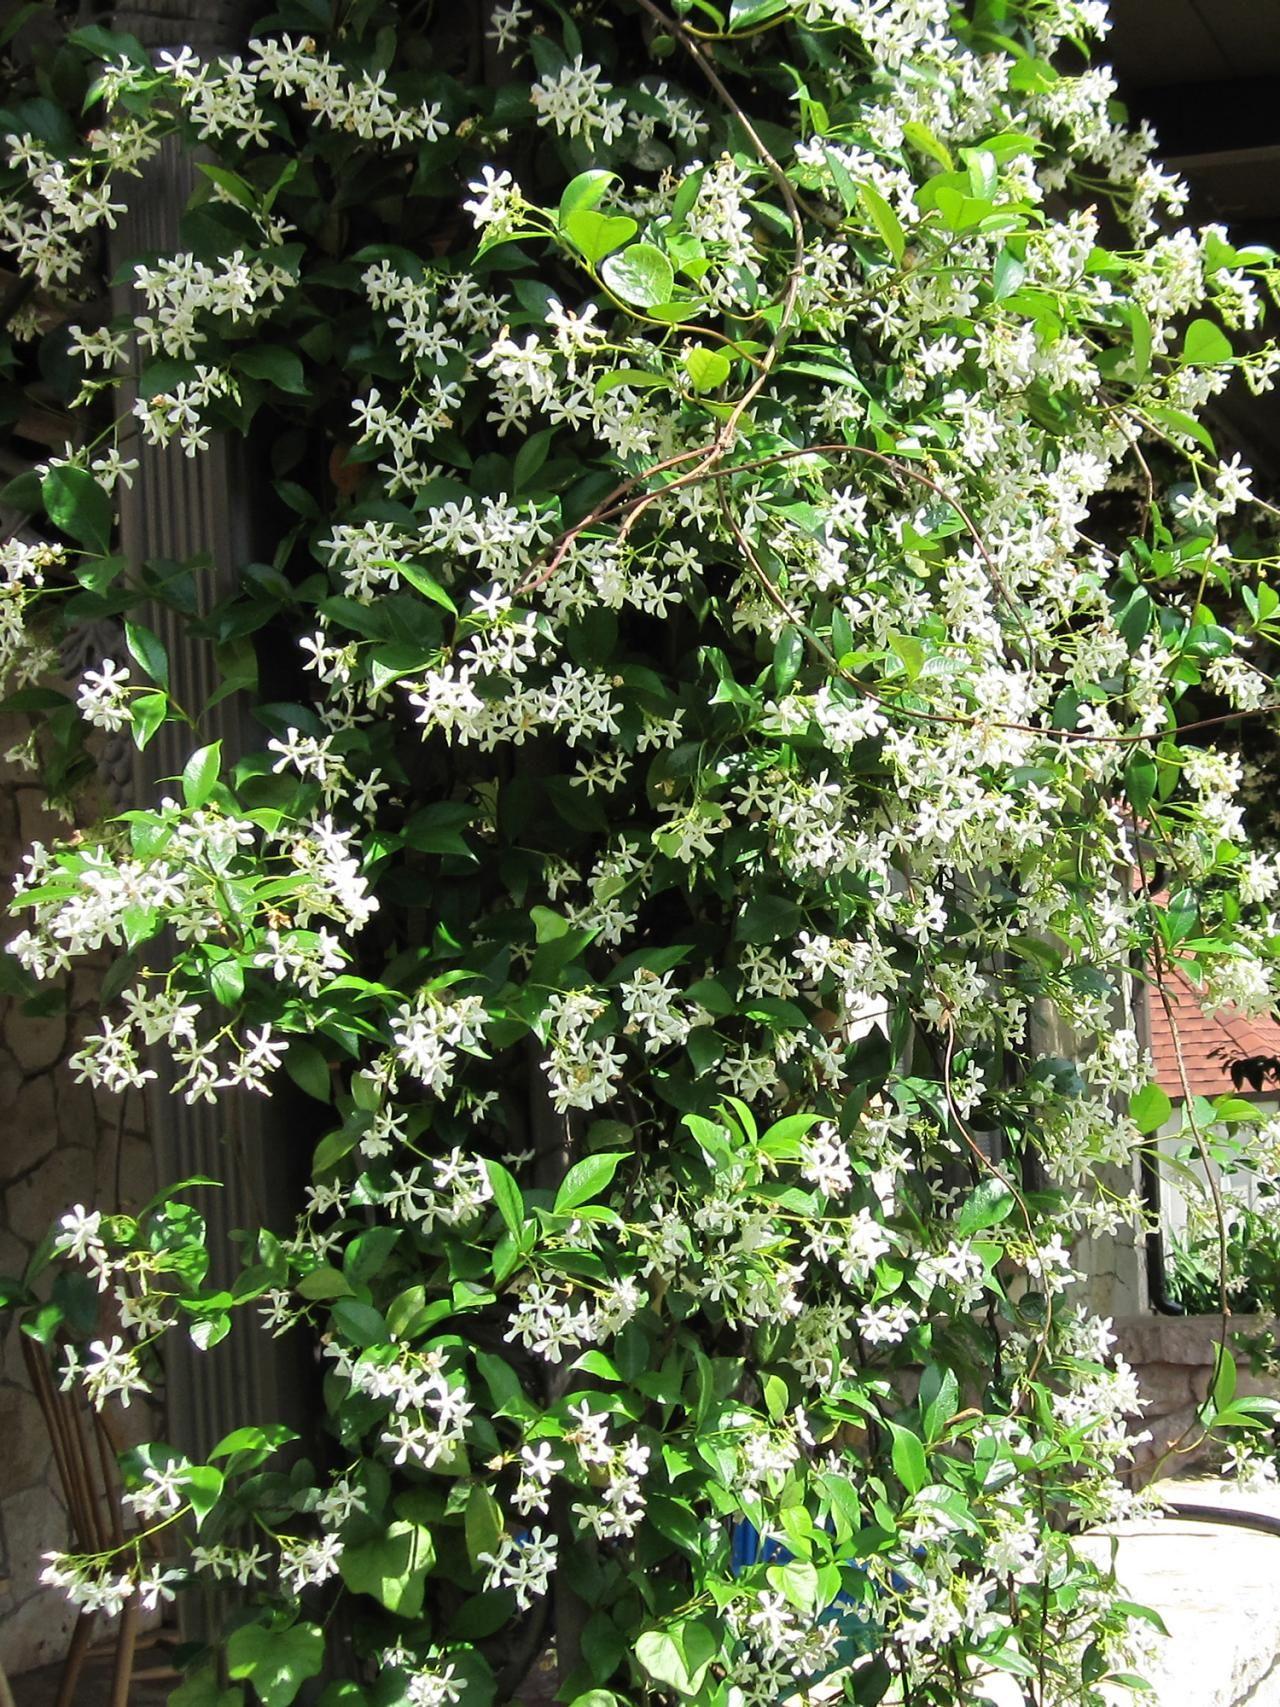 15 Climbing Vines for Lattice Trellis or Pergola